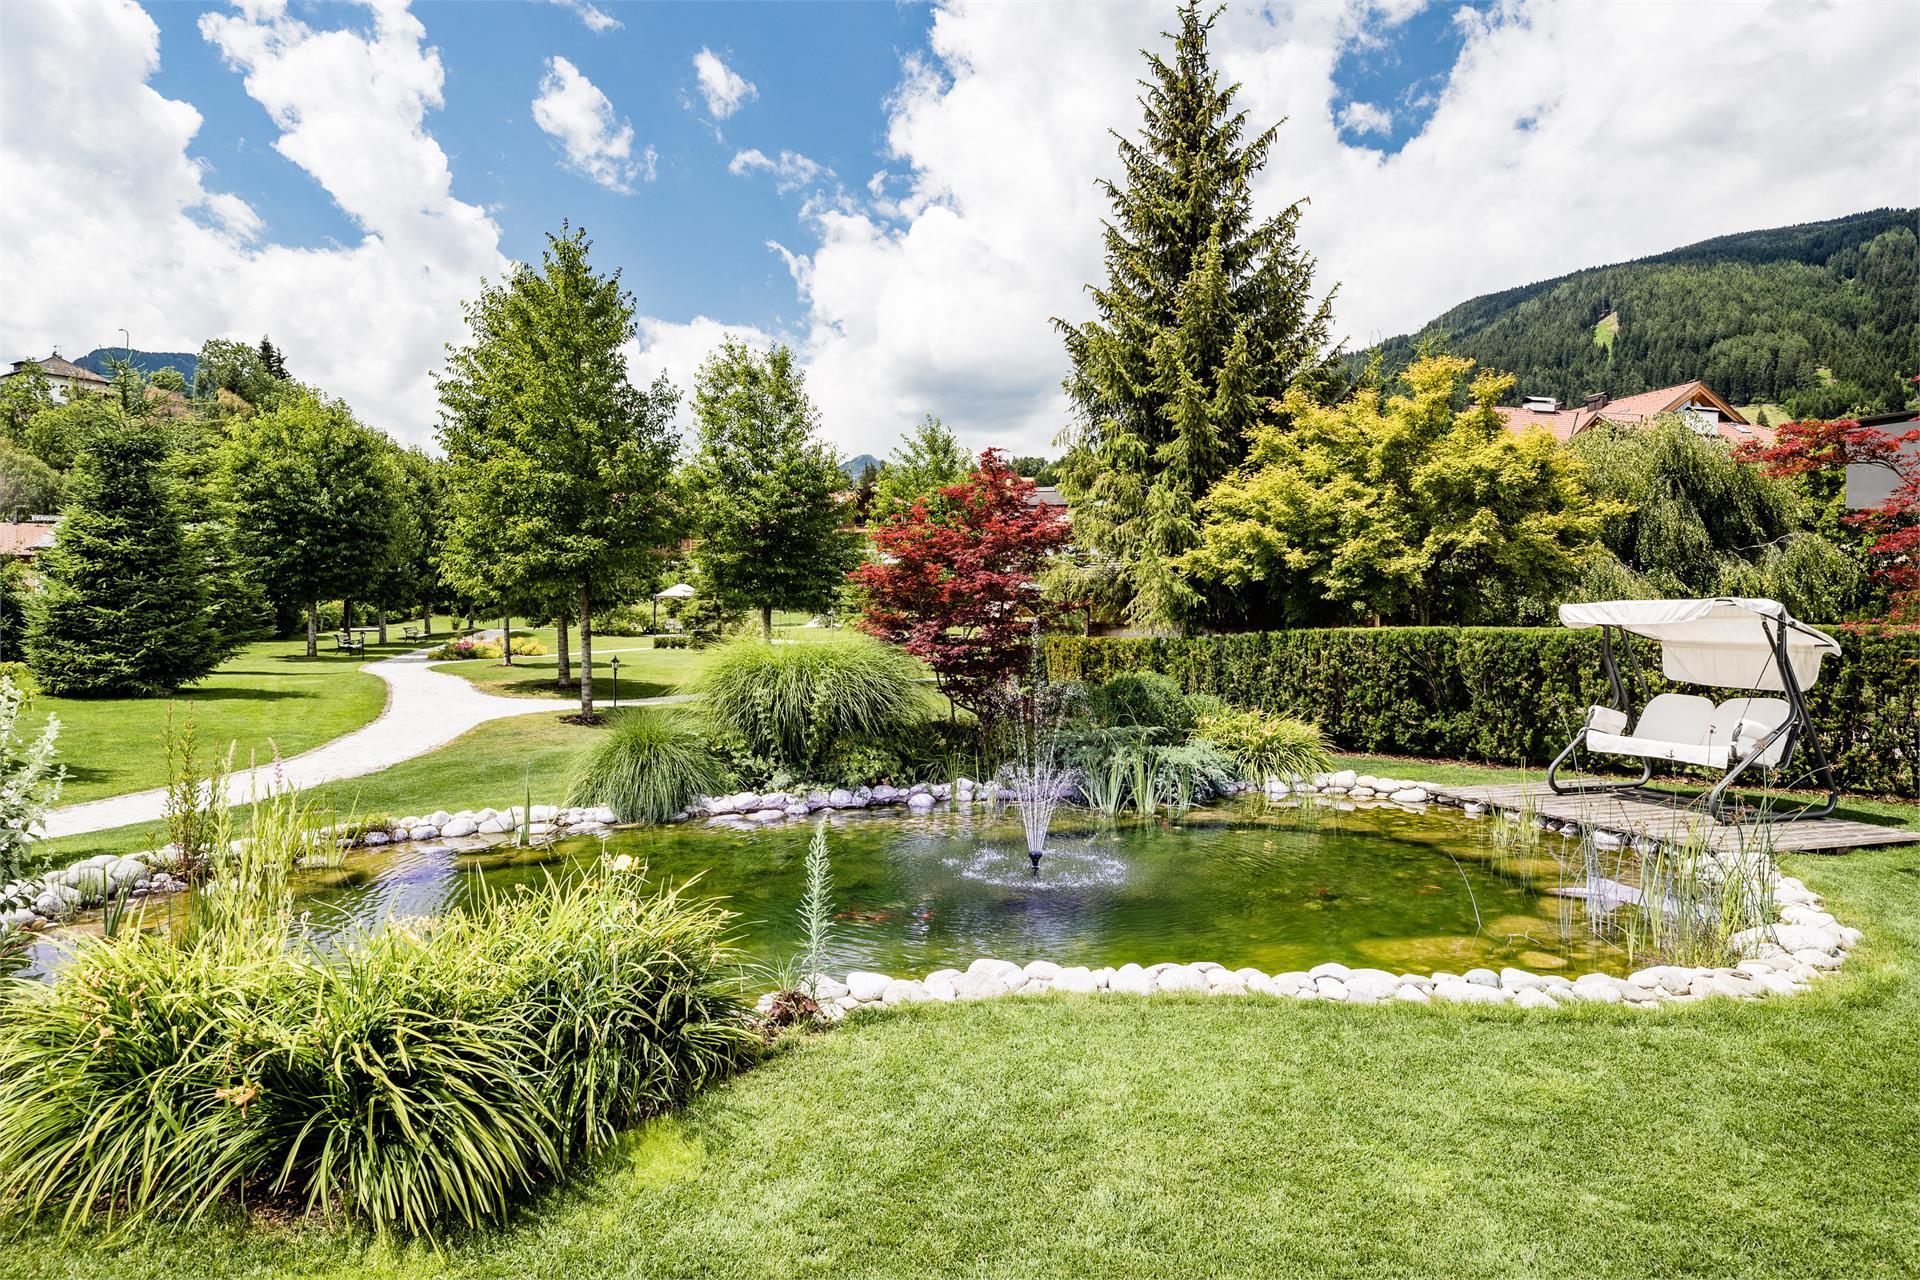 Garten & Park